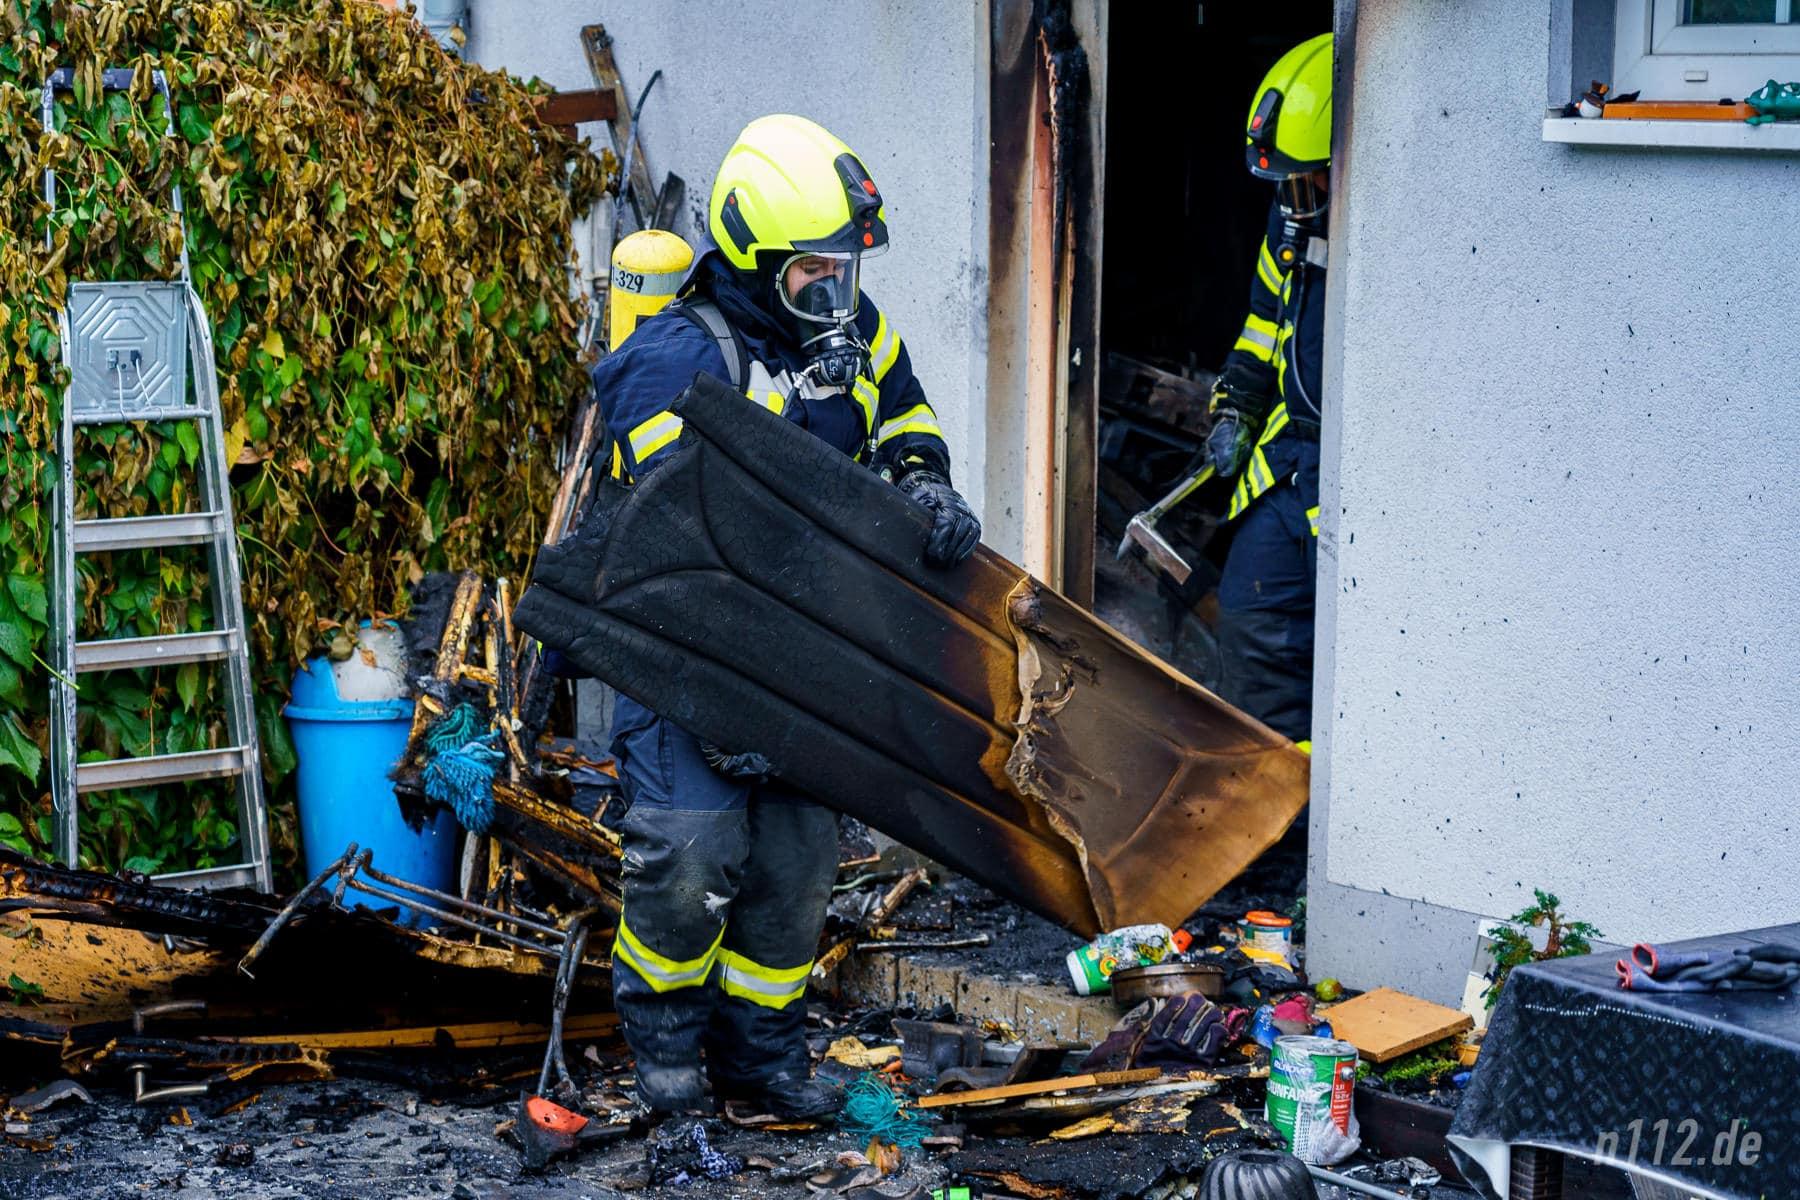 Verkohlte Möbelteile werden aus dem Haus getragen (Foto: n112.de/Stefan Simonsen)